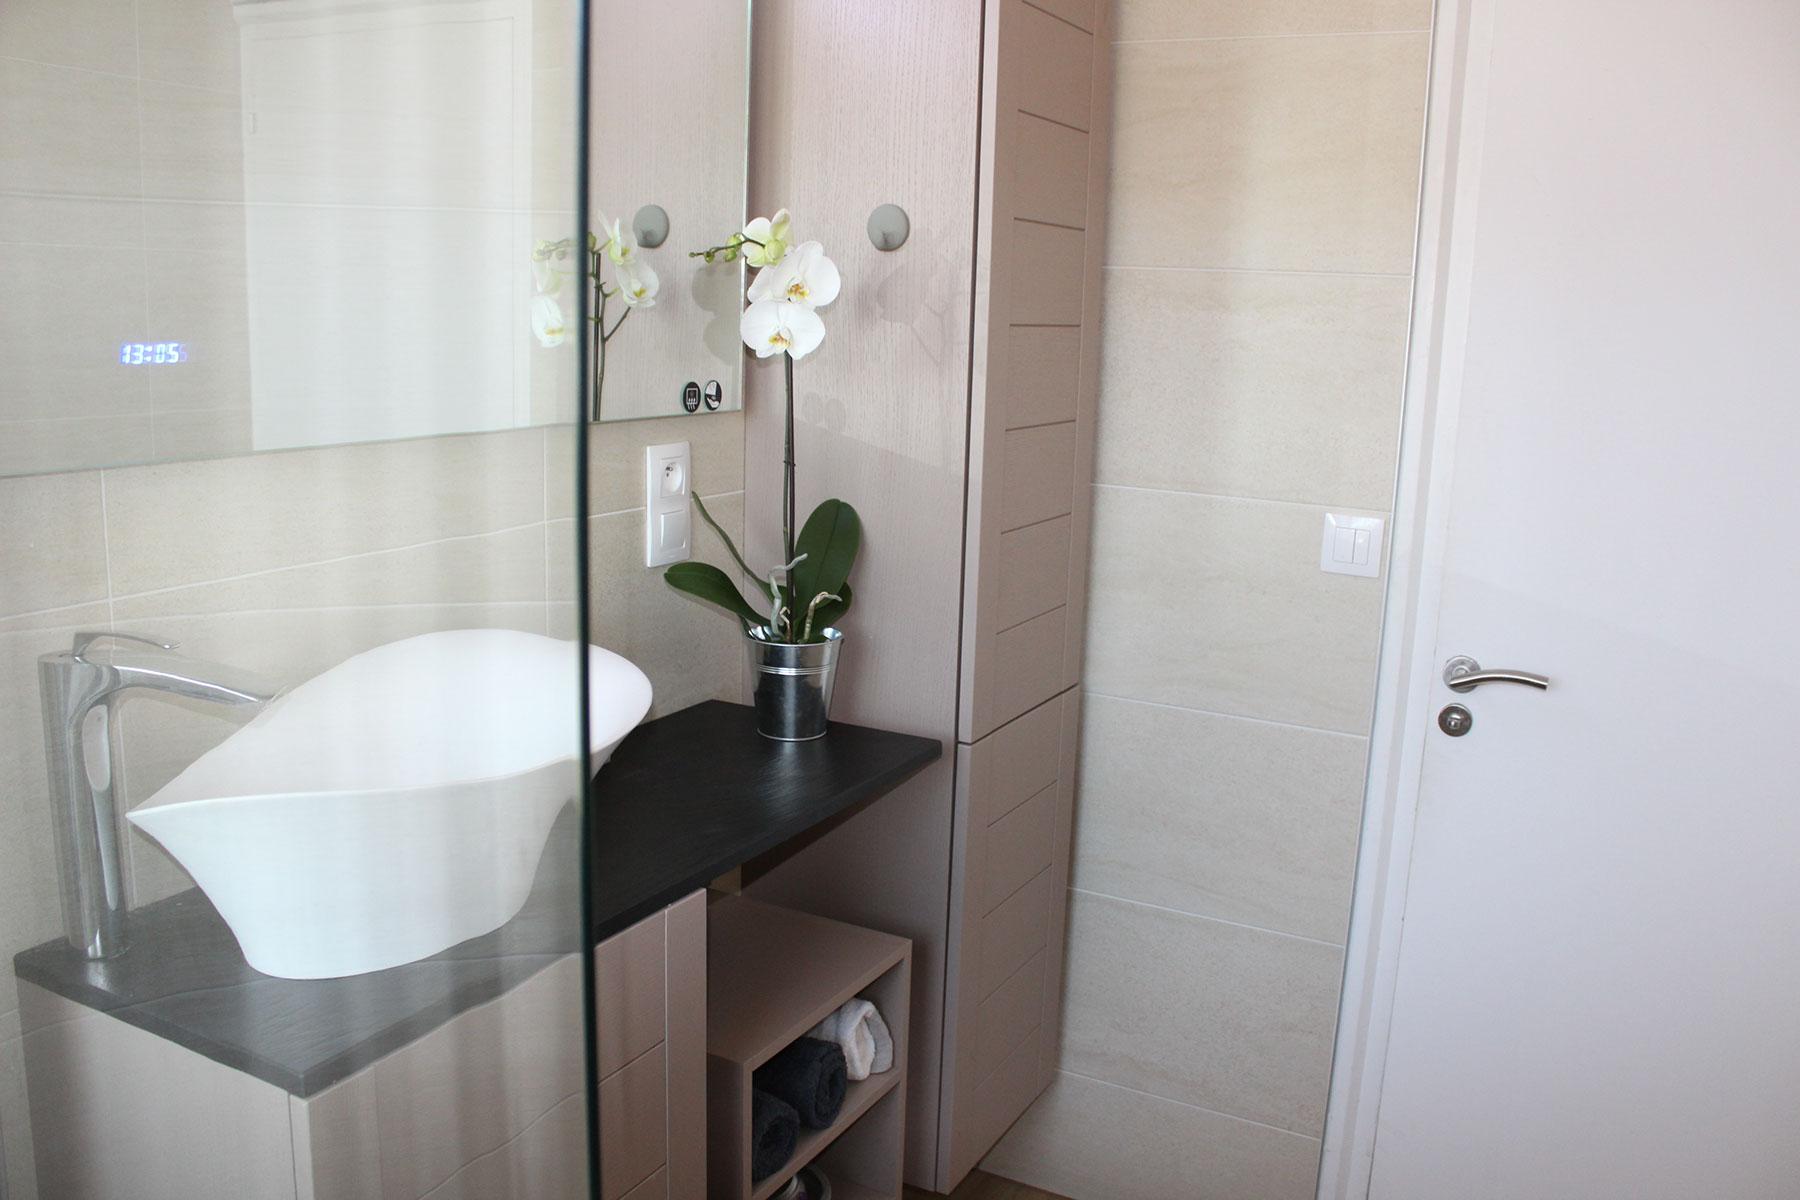 Rénovation d\'une salle de bain - Bleu Cerise | Décoration d ...